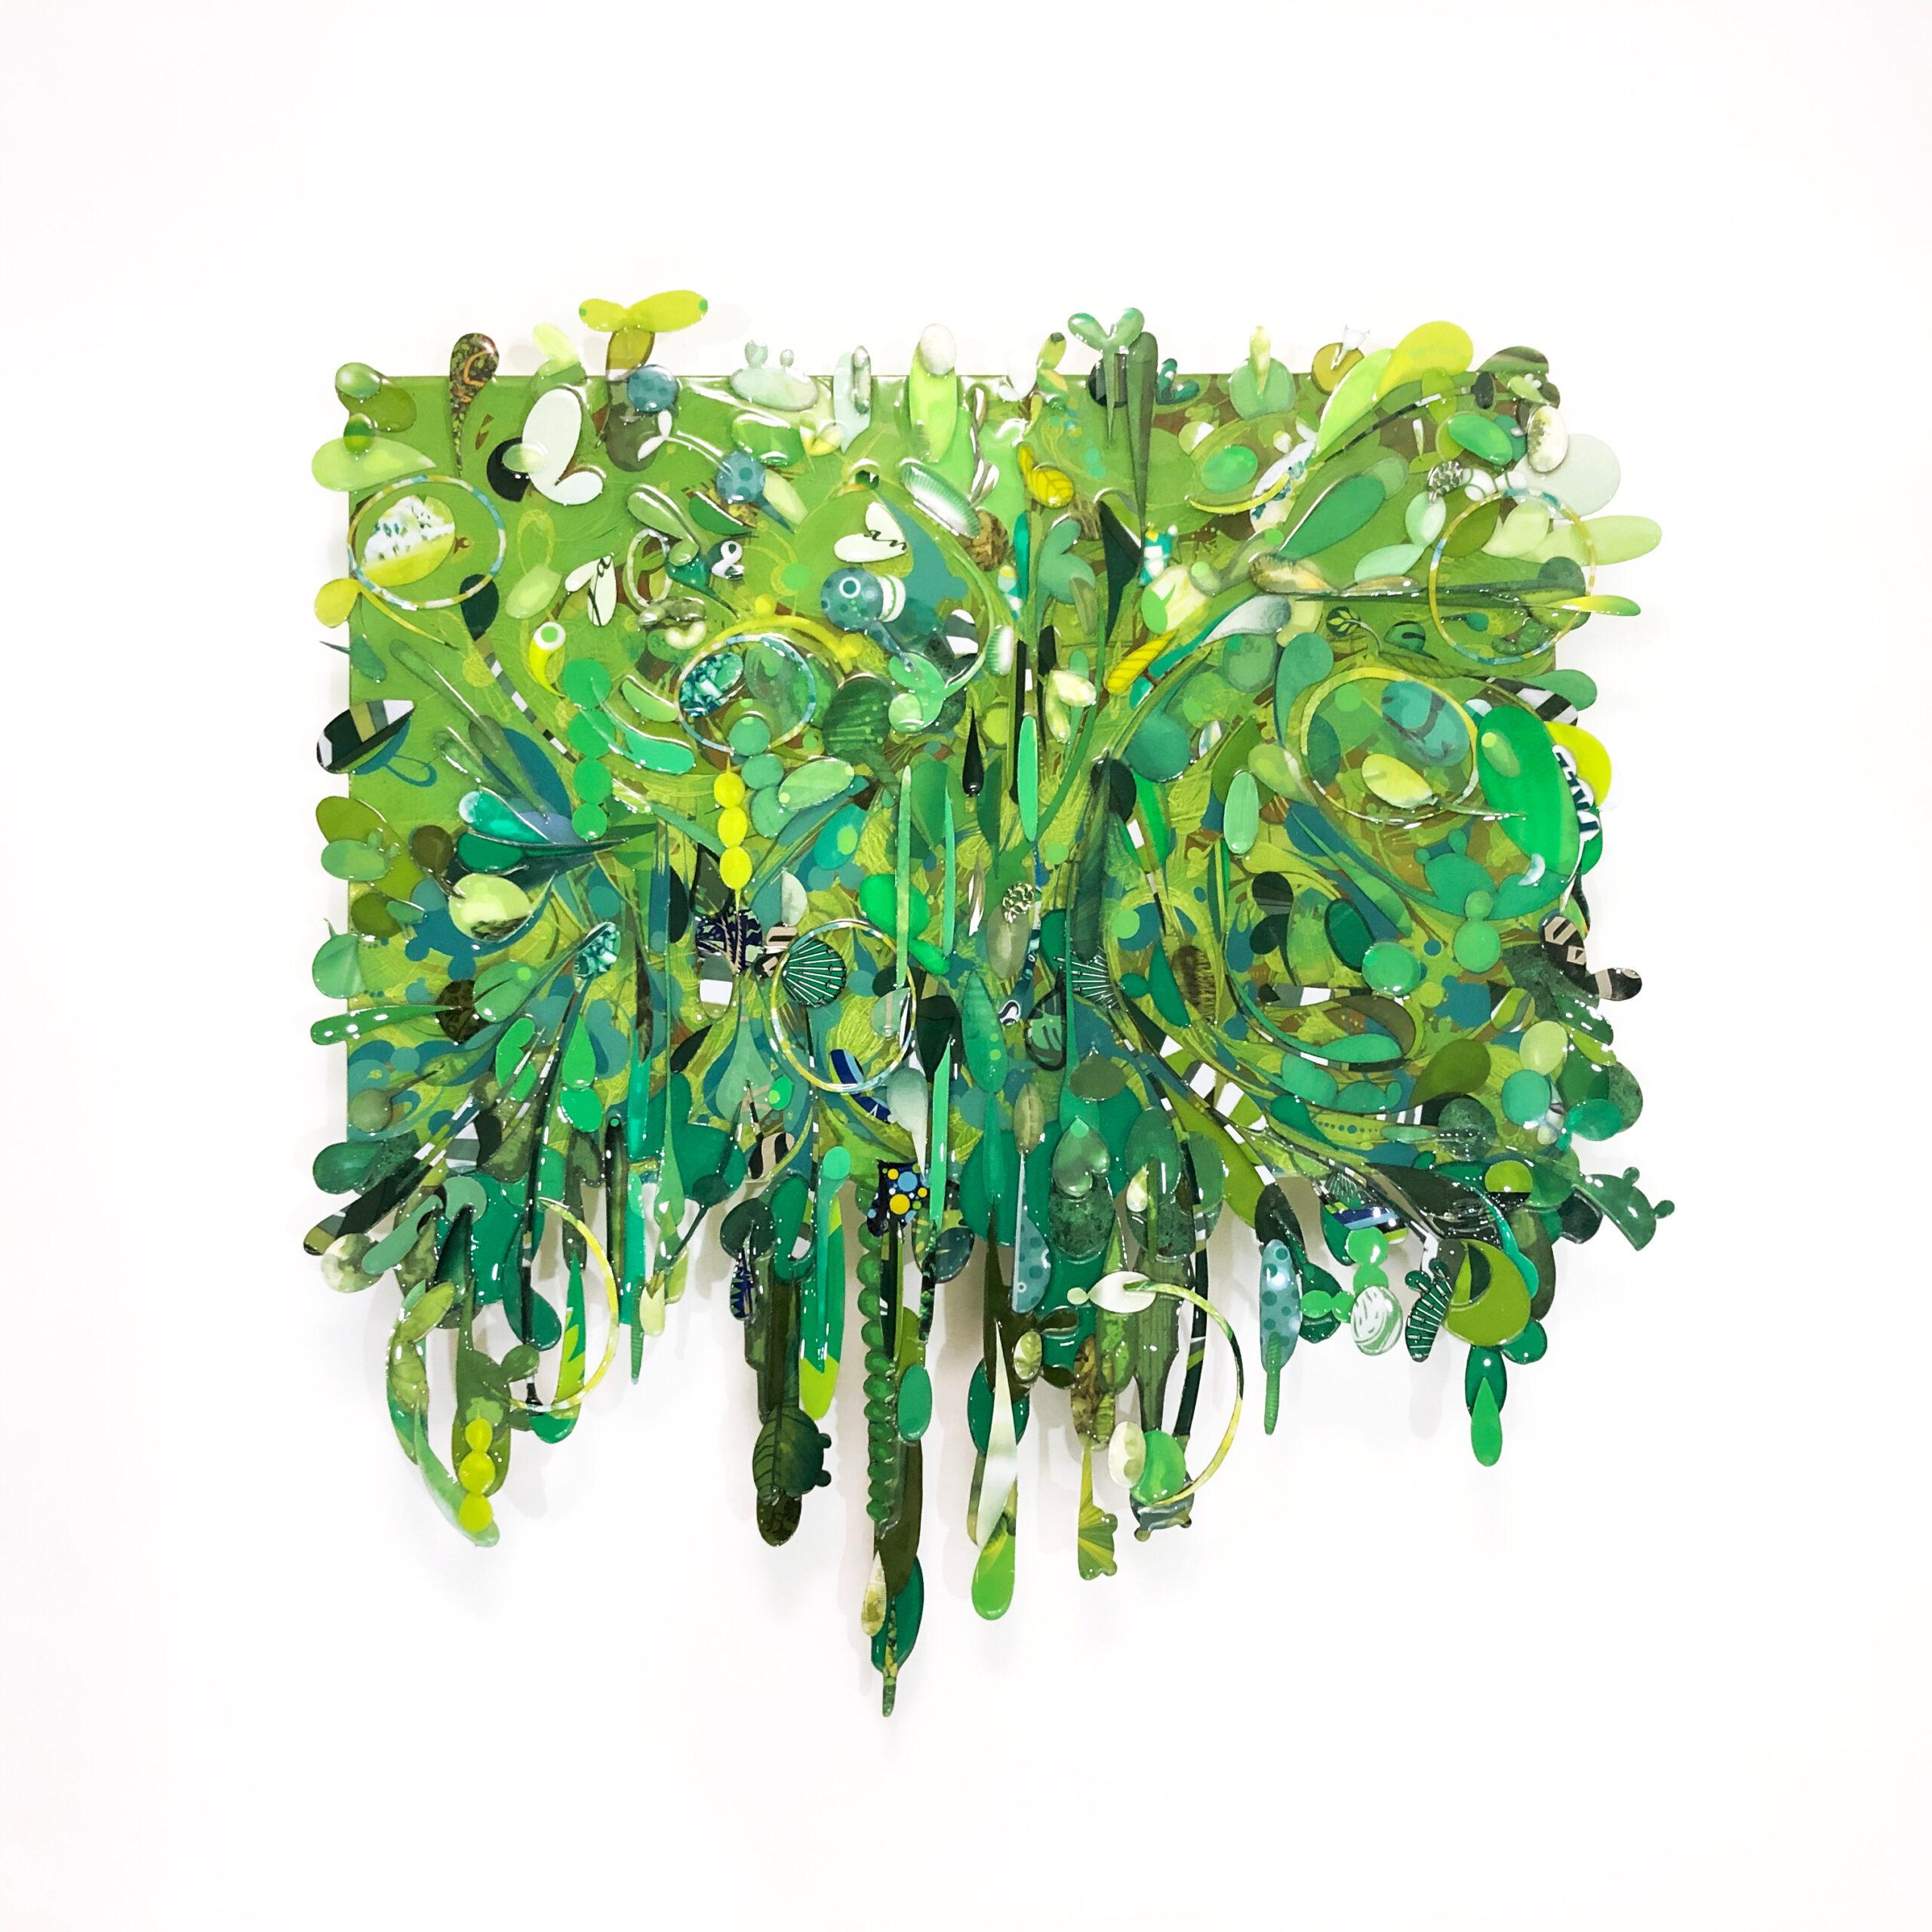 5. Jungle Drum